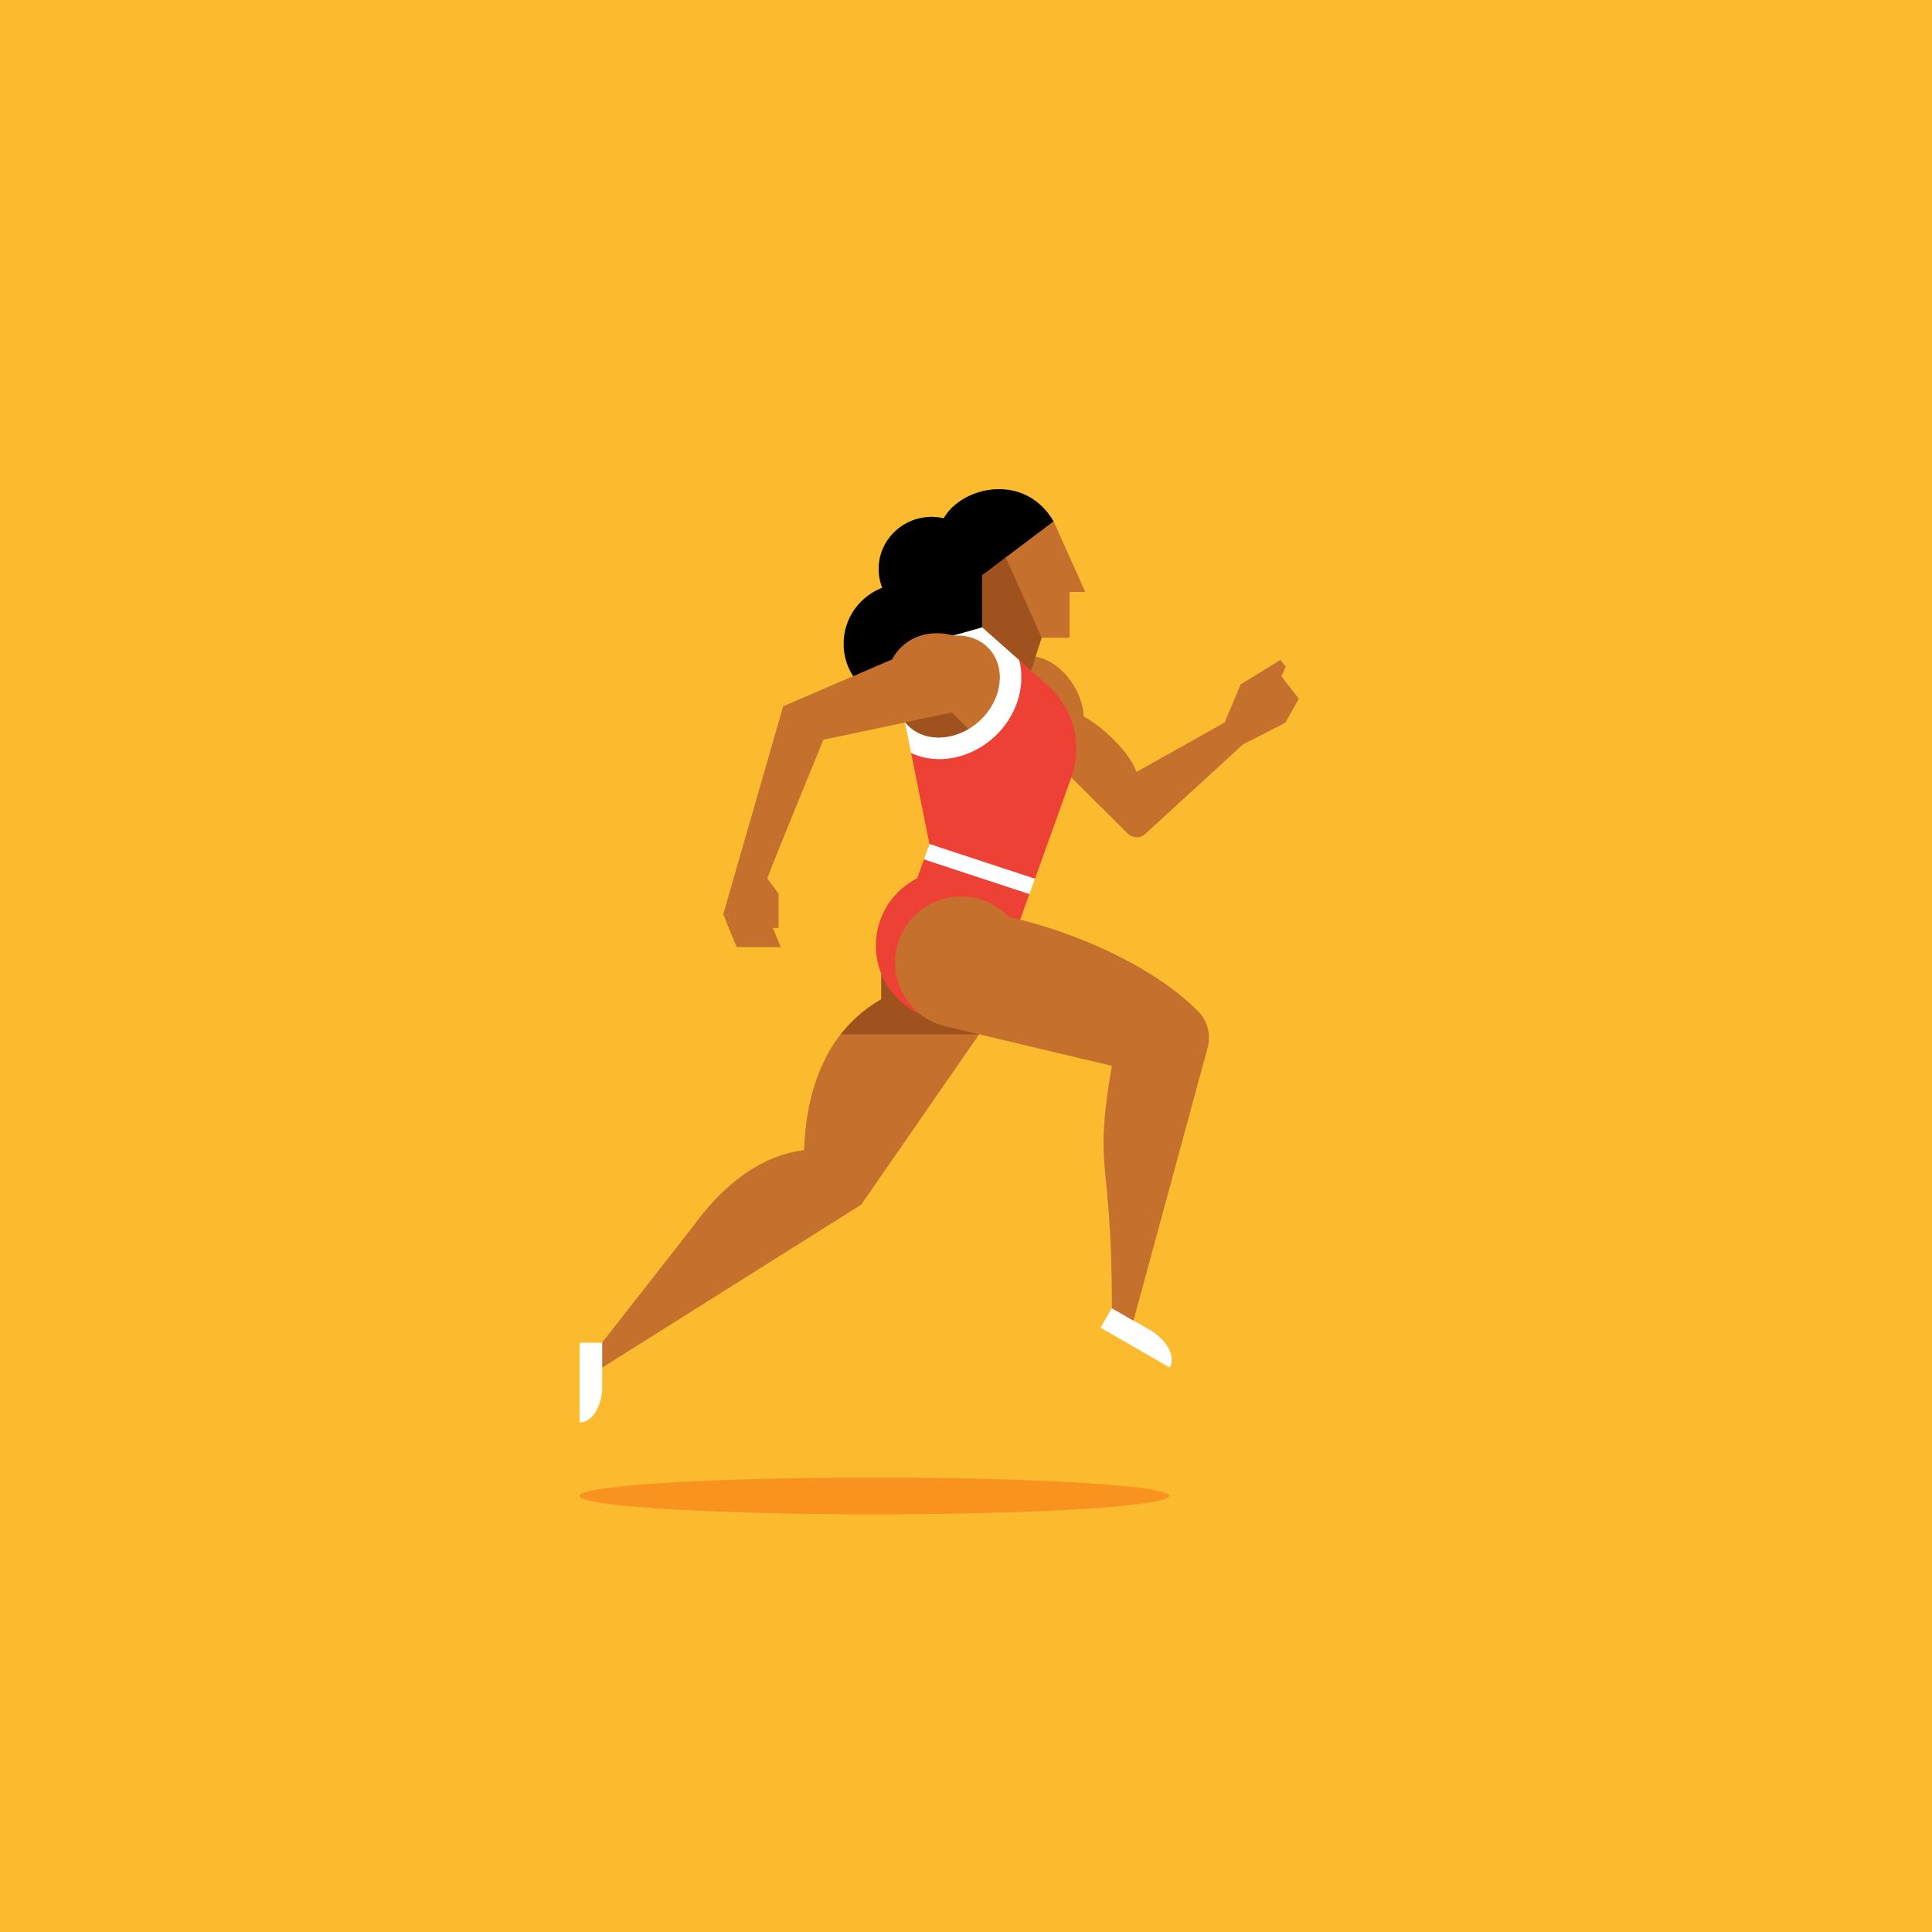 stein-female-athletes-jackie-joyner-kersee.png